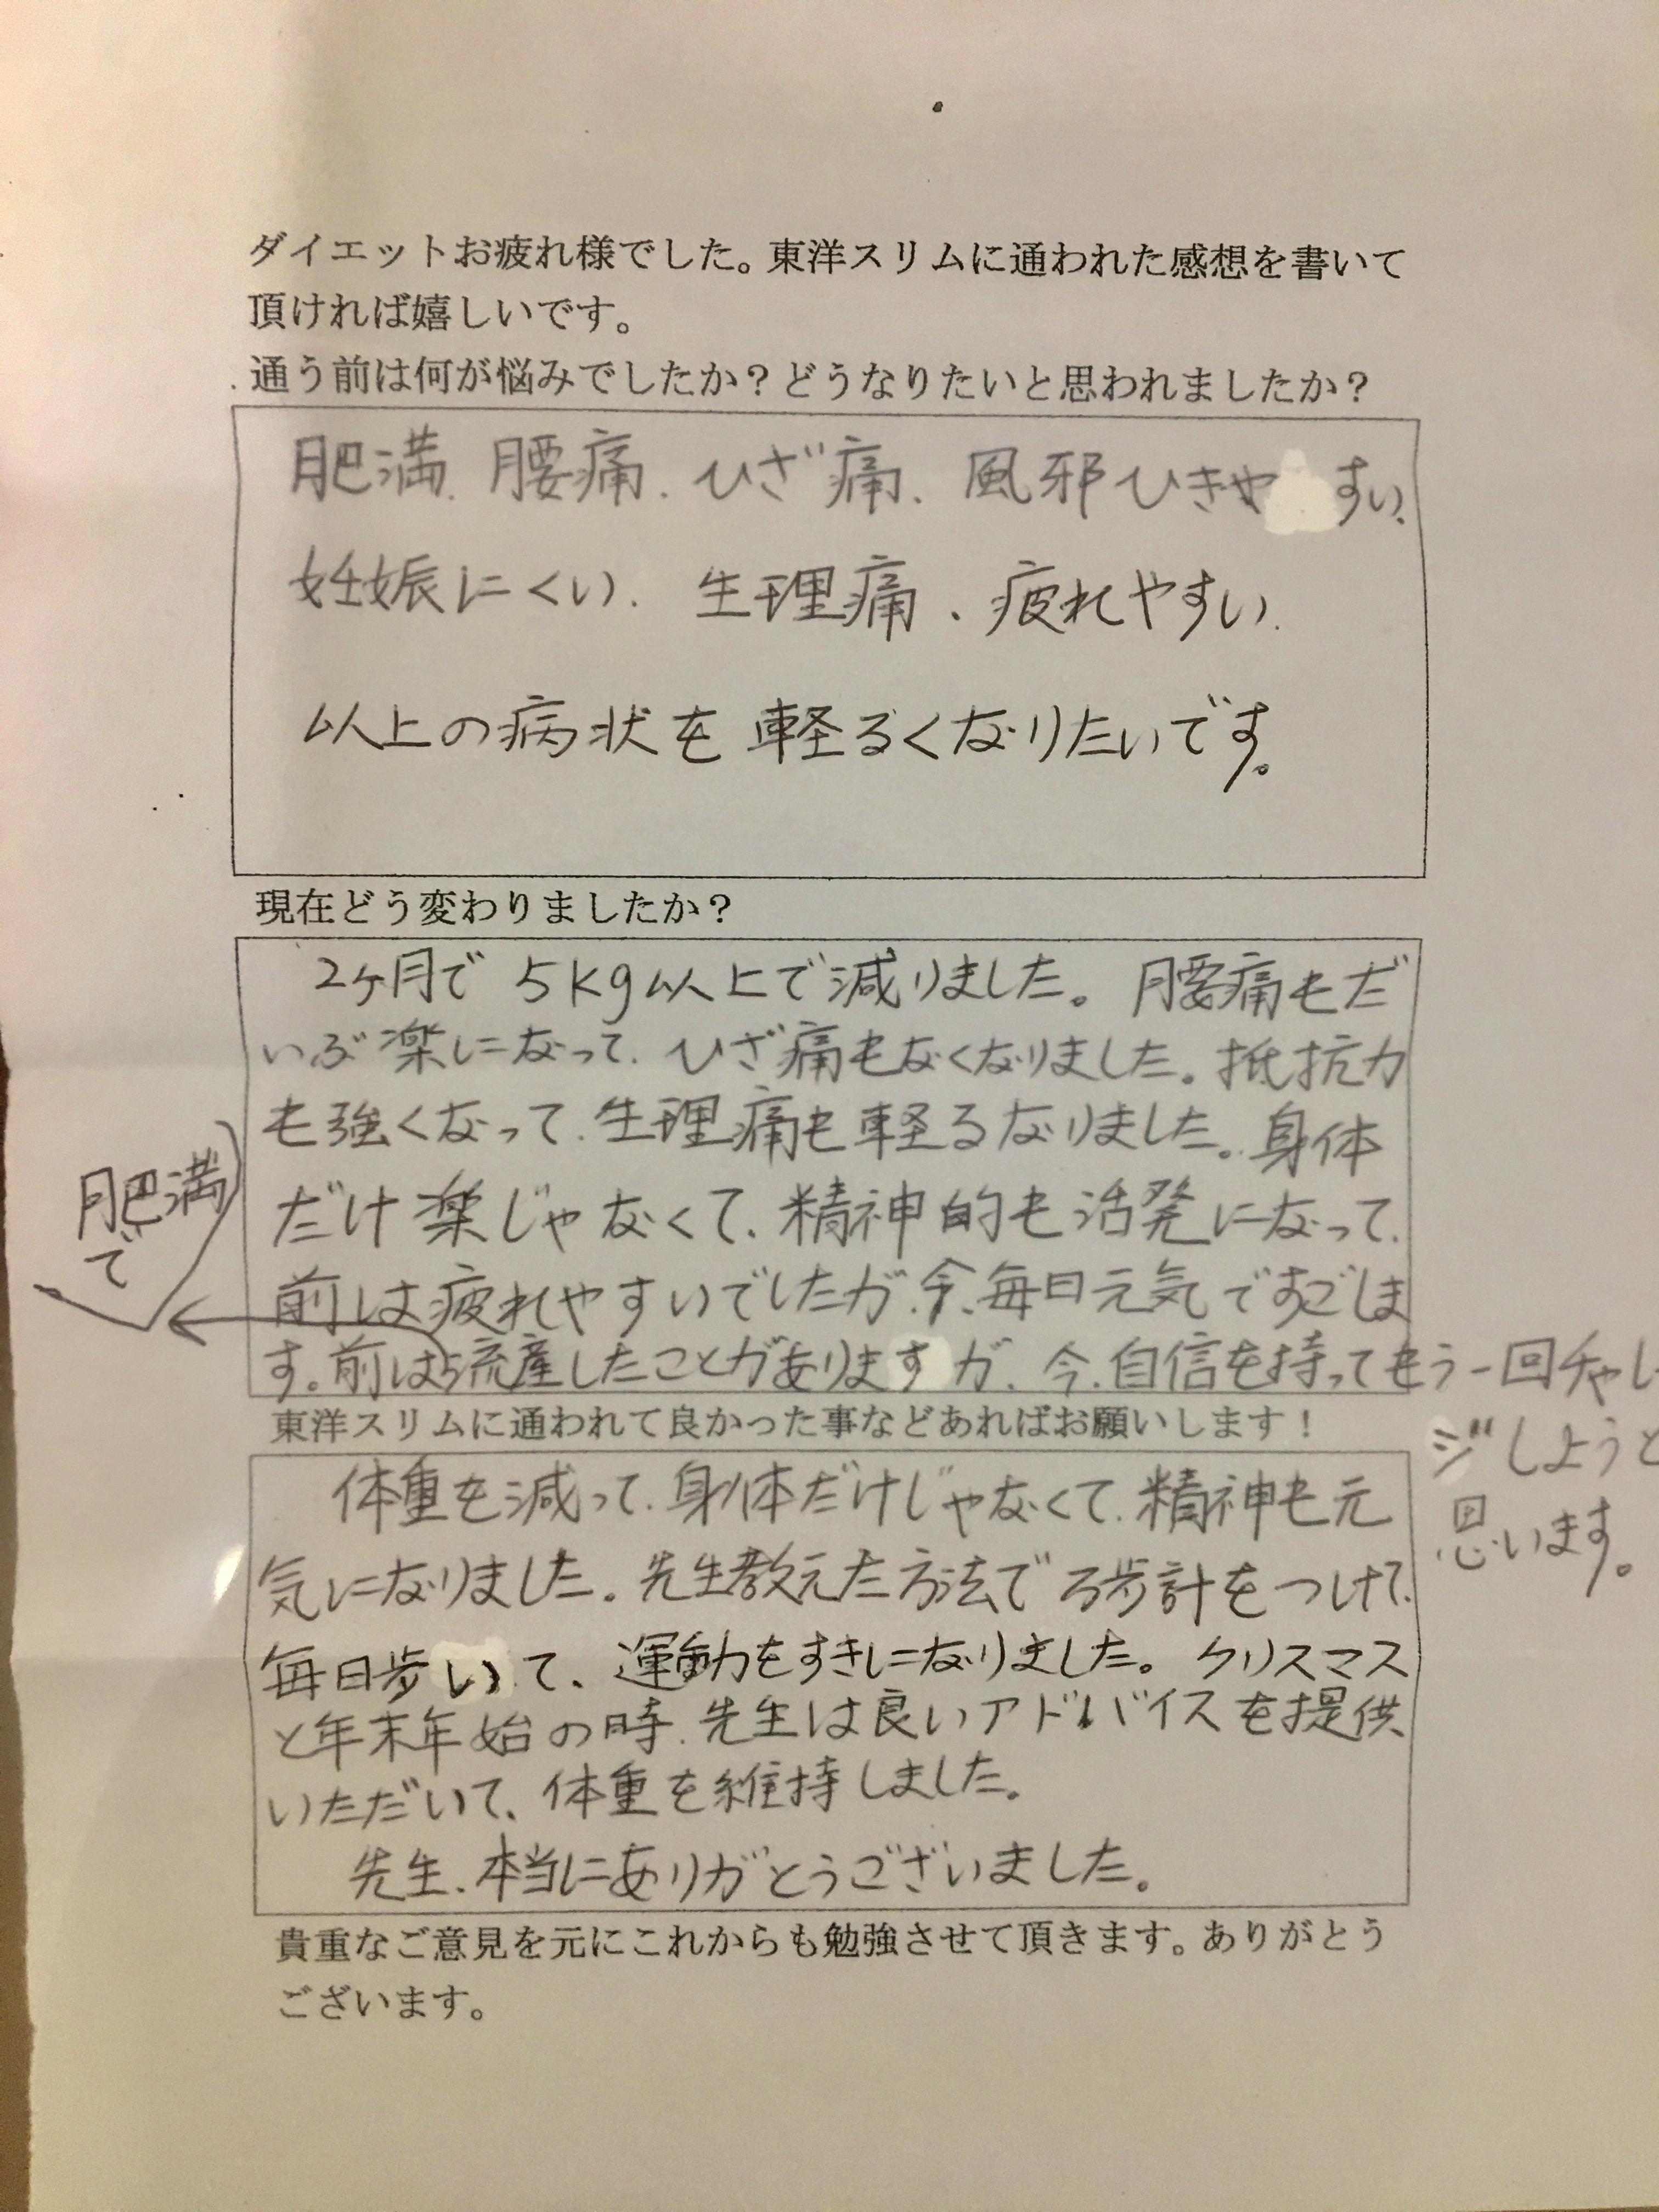 大阪市天王寺区Mさん6kg耳ツボダイエット成功。肥満で流産した事ありますがもう一度チャレンジしようと思います!